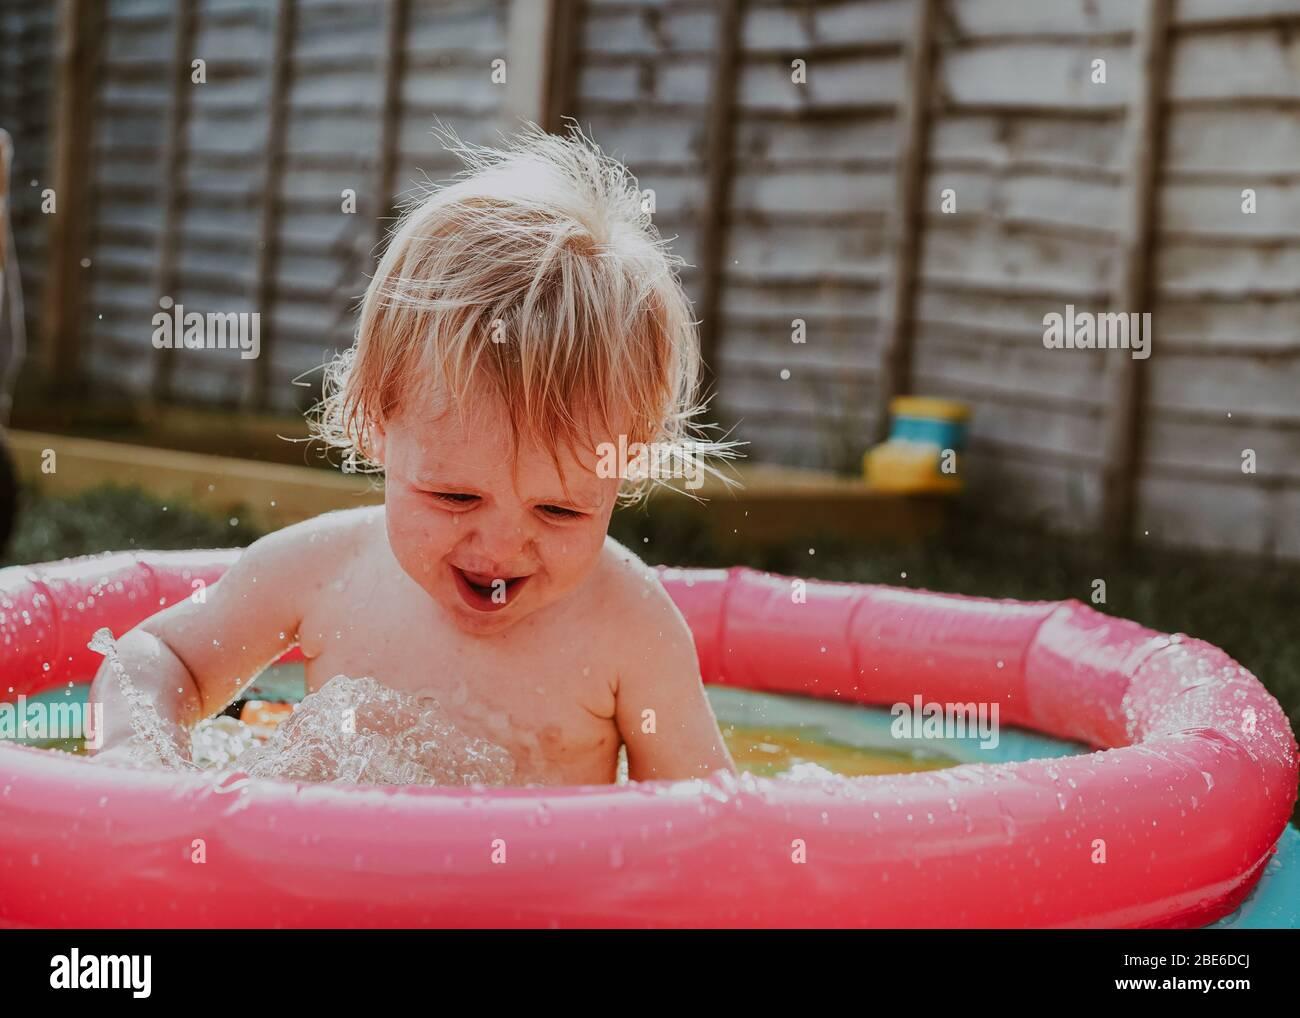 Pequeño robot niño jugando en la piscina infantil en el jardín en verano, Reino Unido Foto de stock